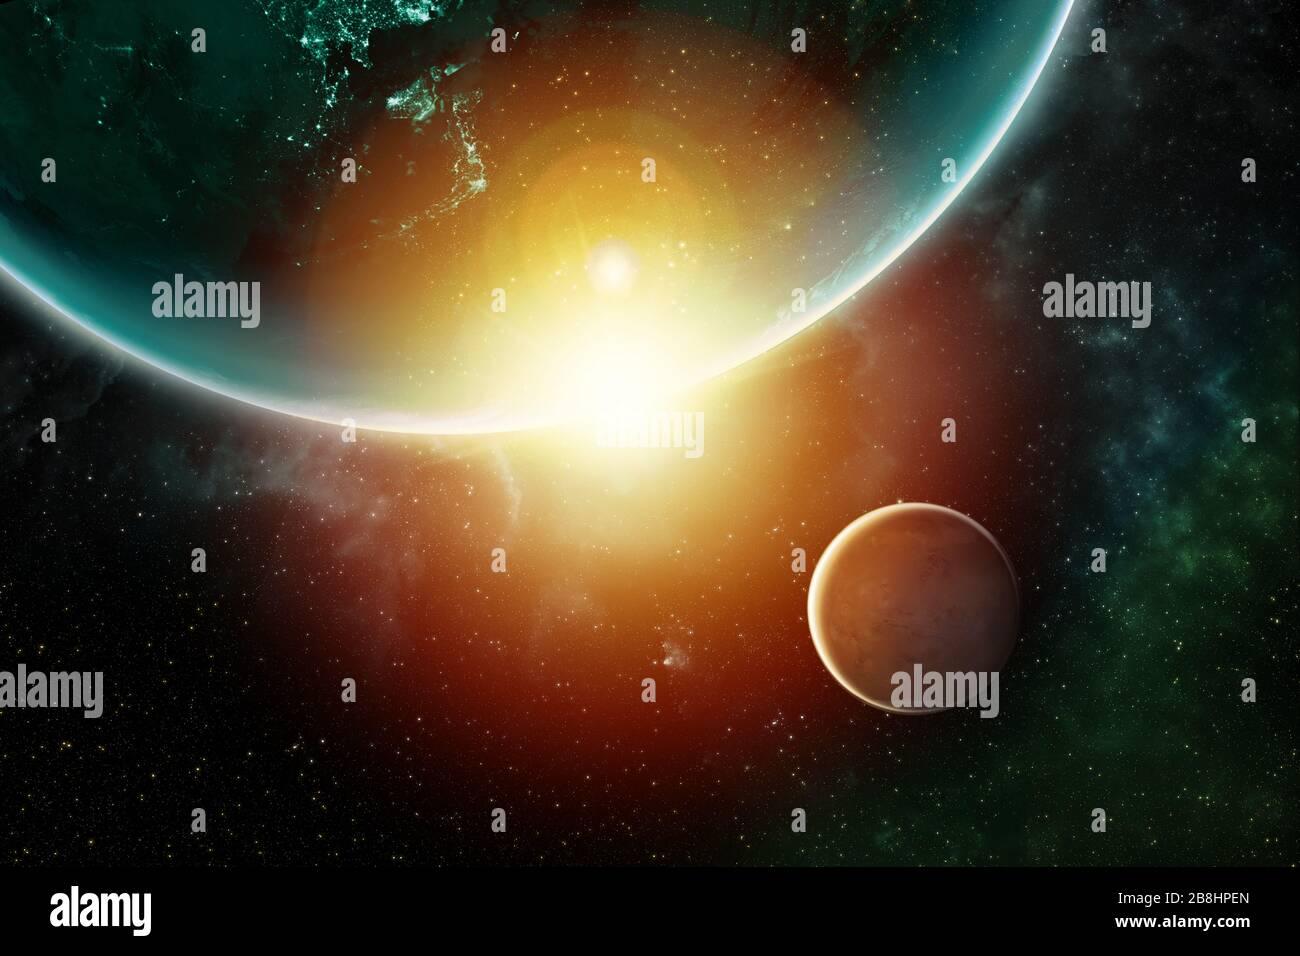 Marte y la Tierra con gases coloridos en el Universo espacio con gases elementos de esta imagen proporcionados por la NASA Foto de stock